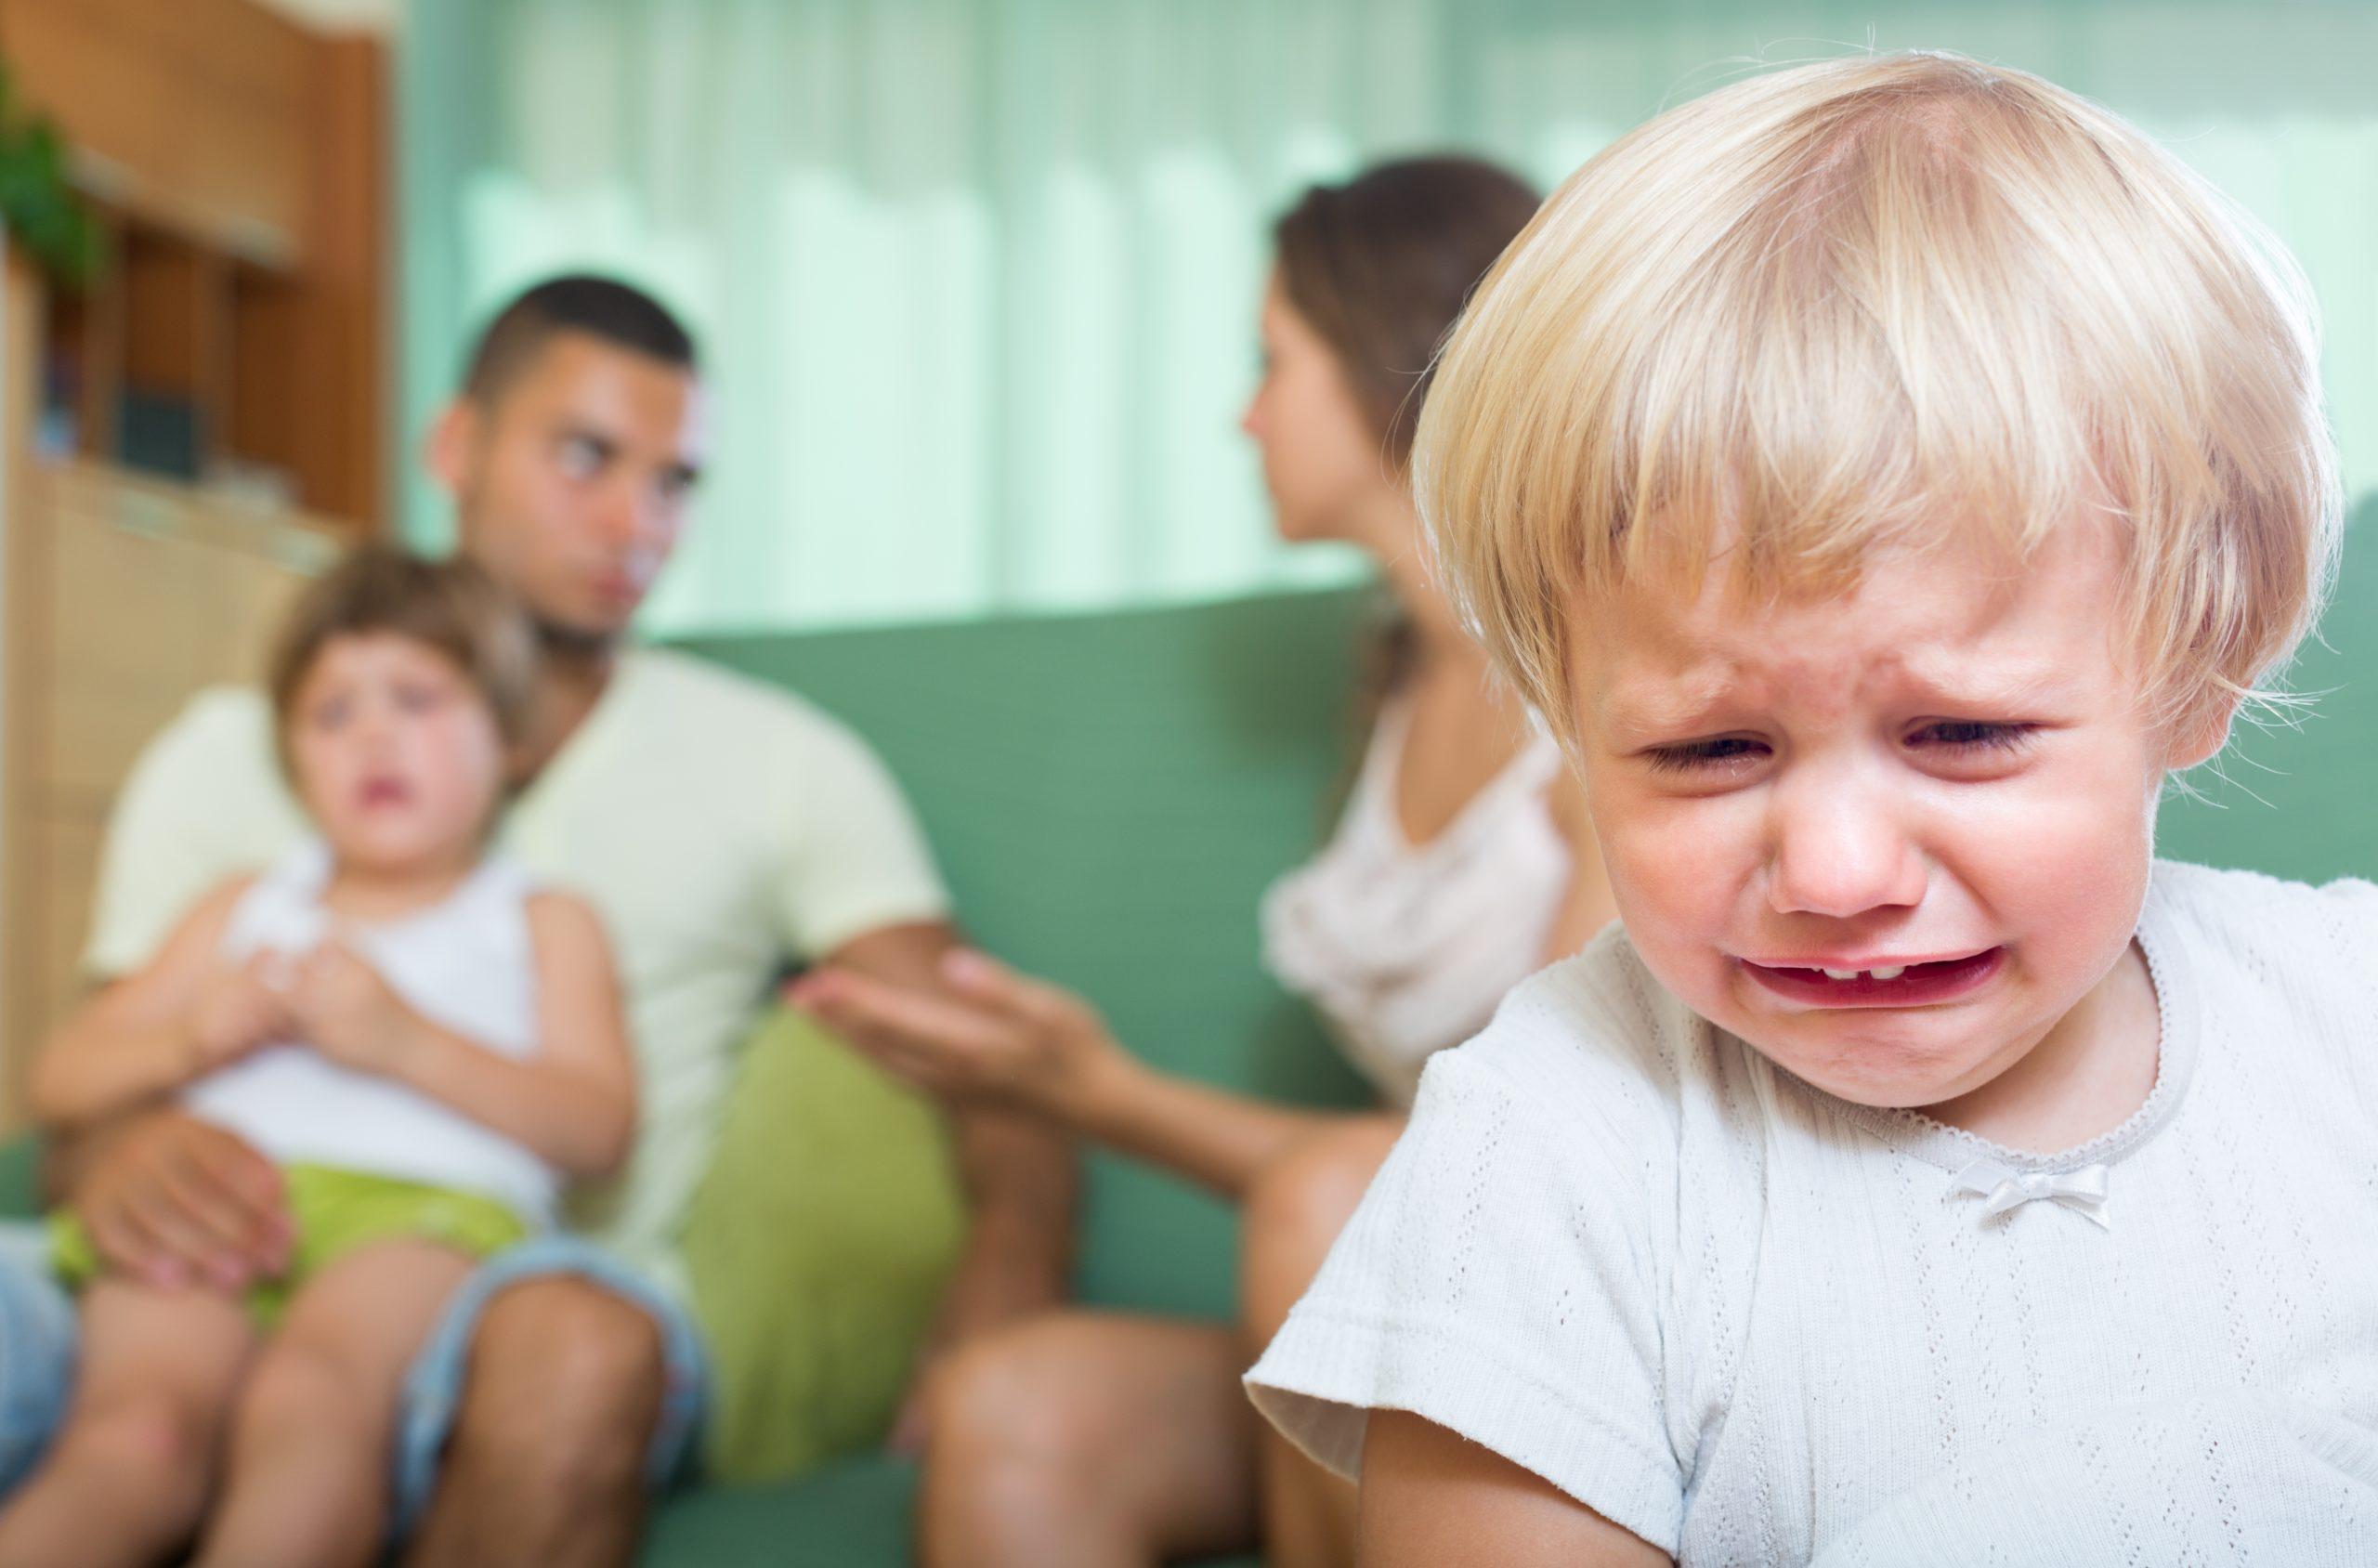 семейни конфликти, психология, психотерапия, консултация, скандали, караници